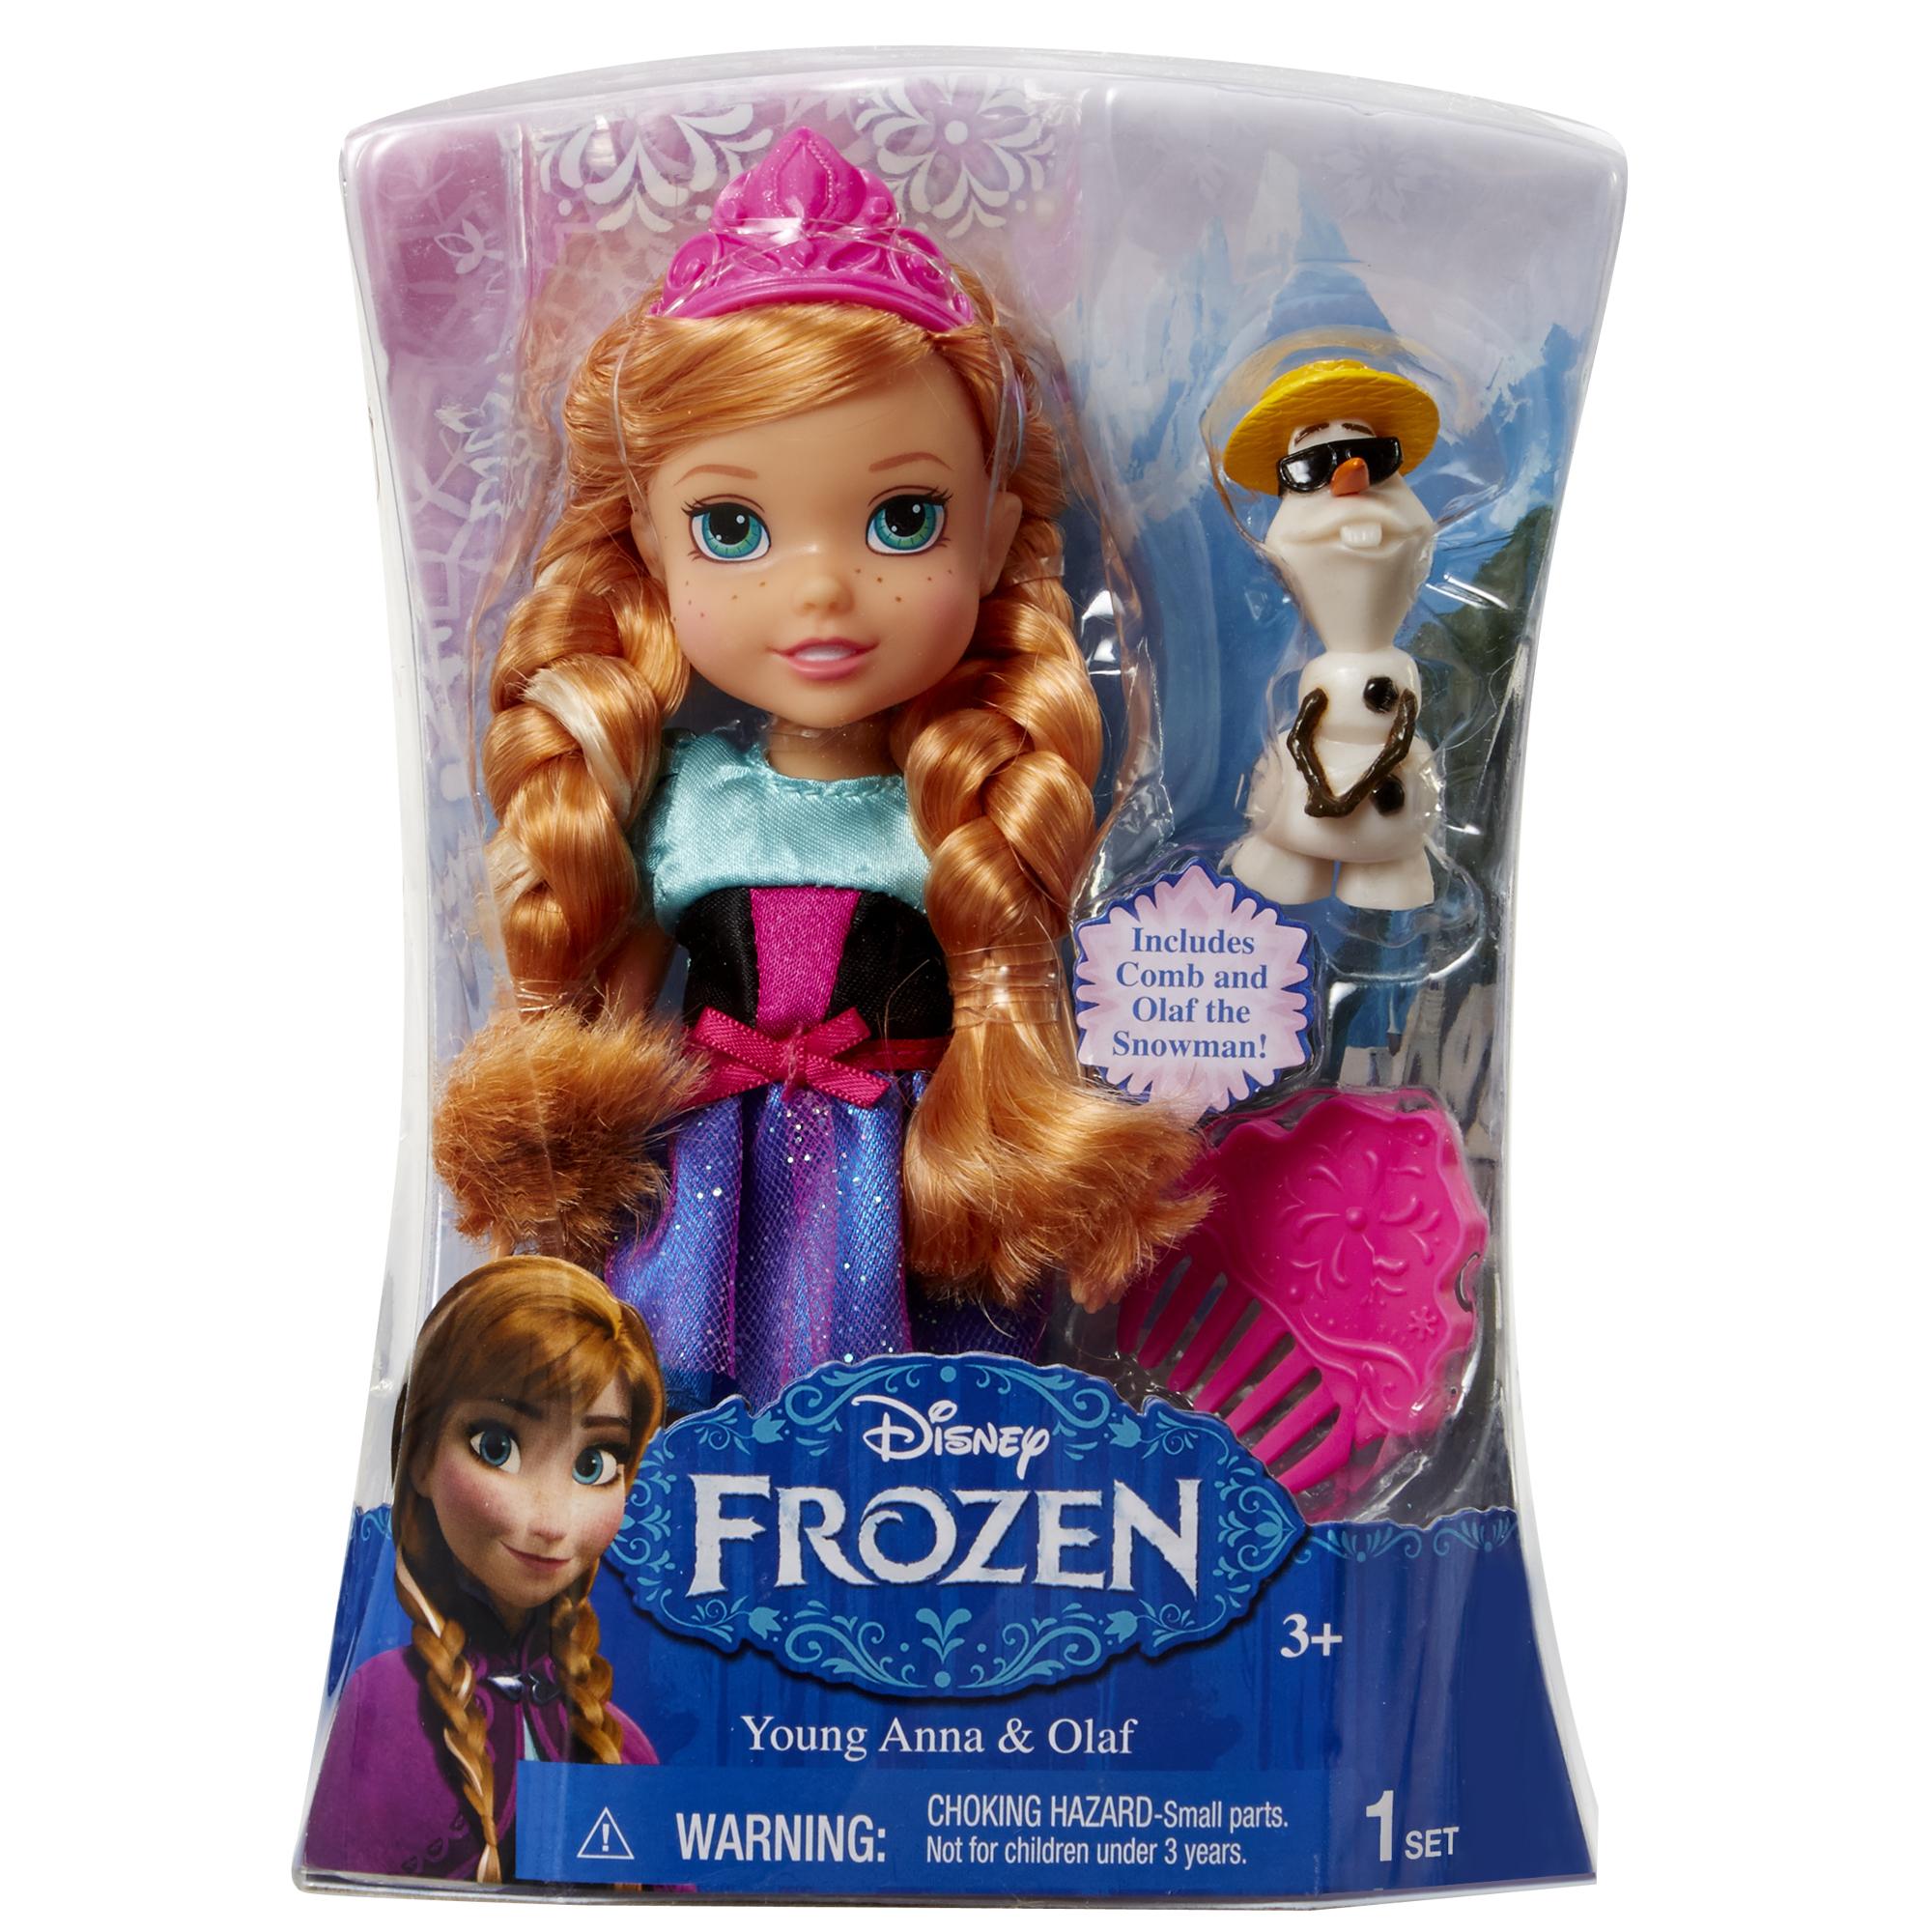 Іграшка лялька Frozen Анна арт.31004 (31012), блістер 7*14*19см